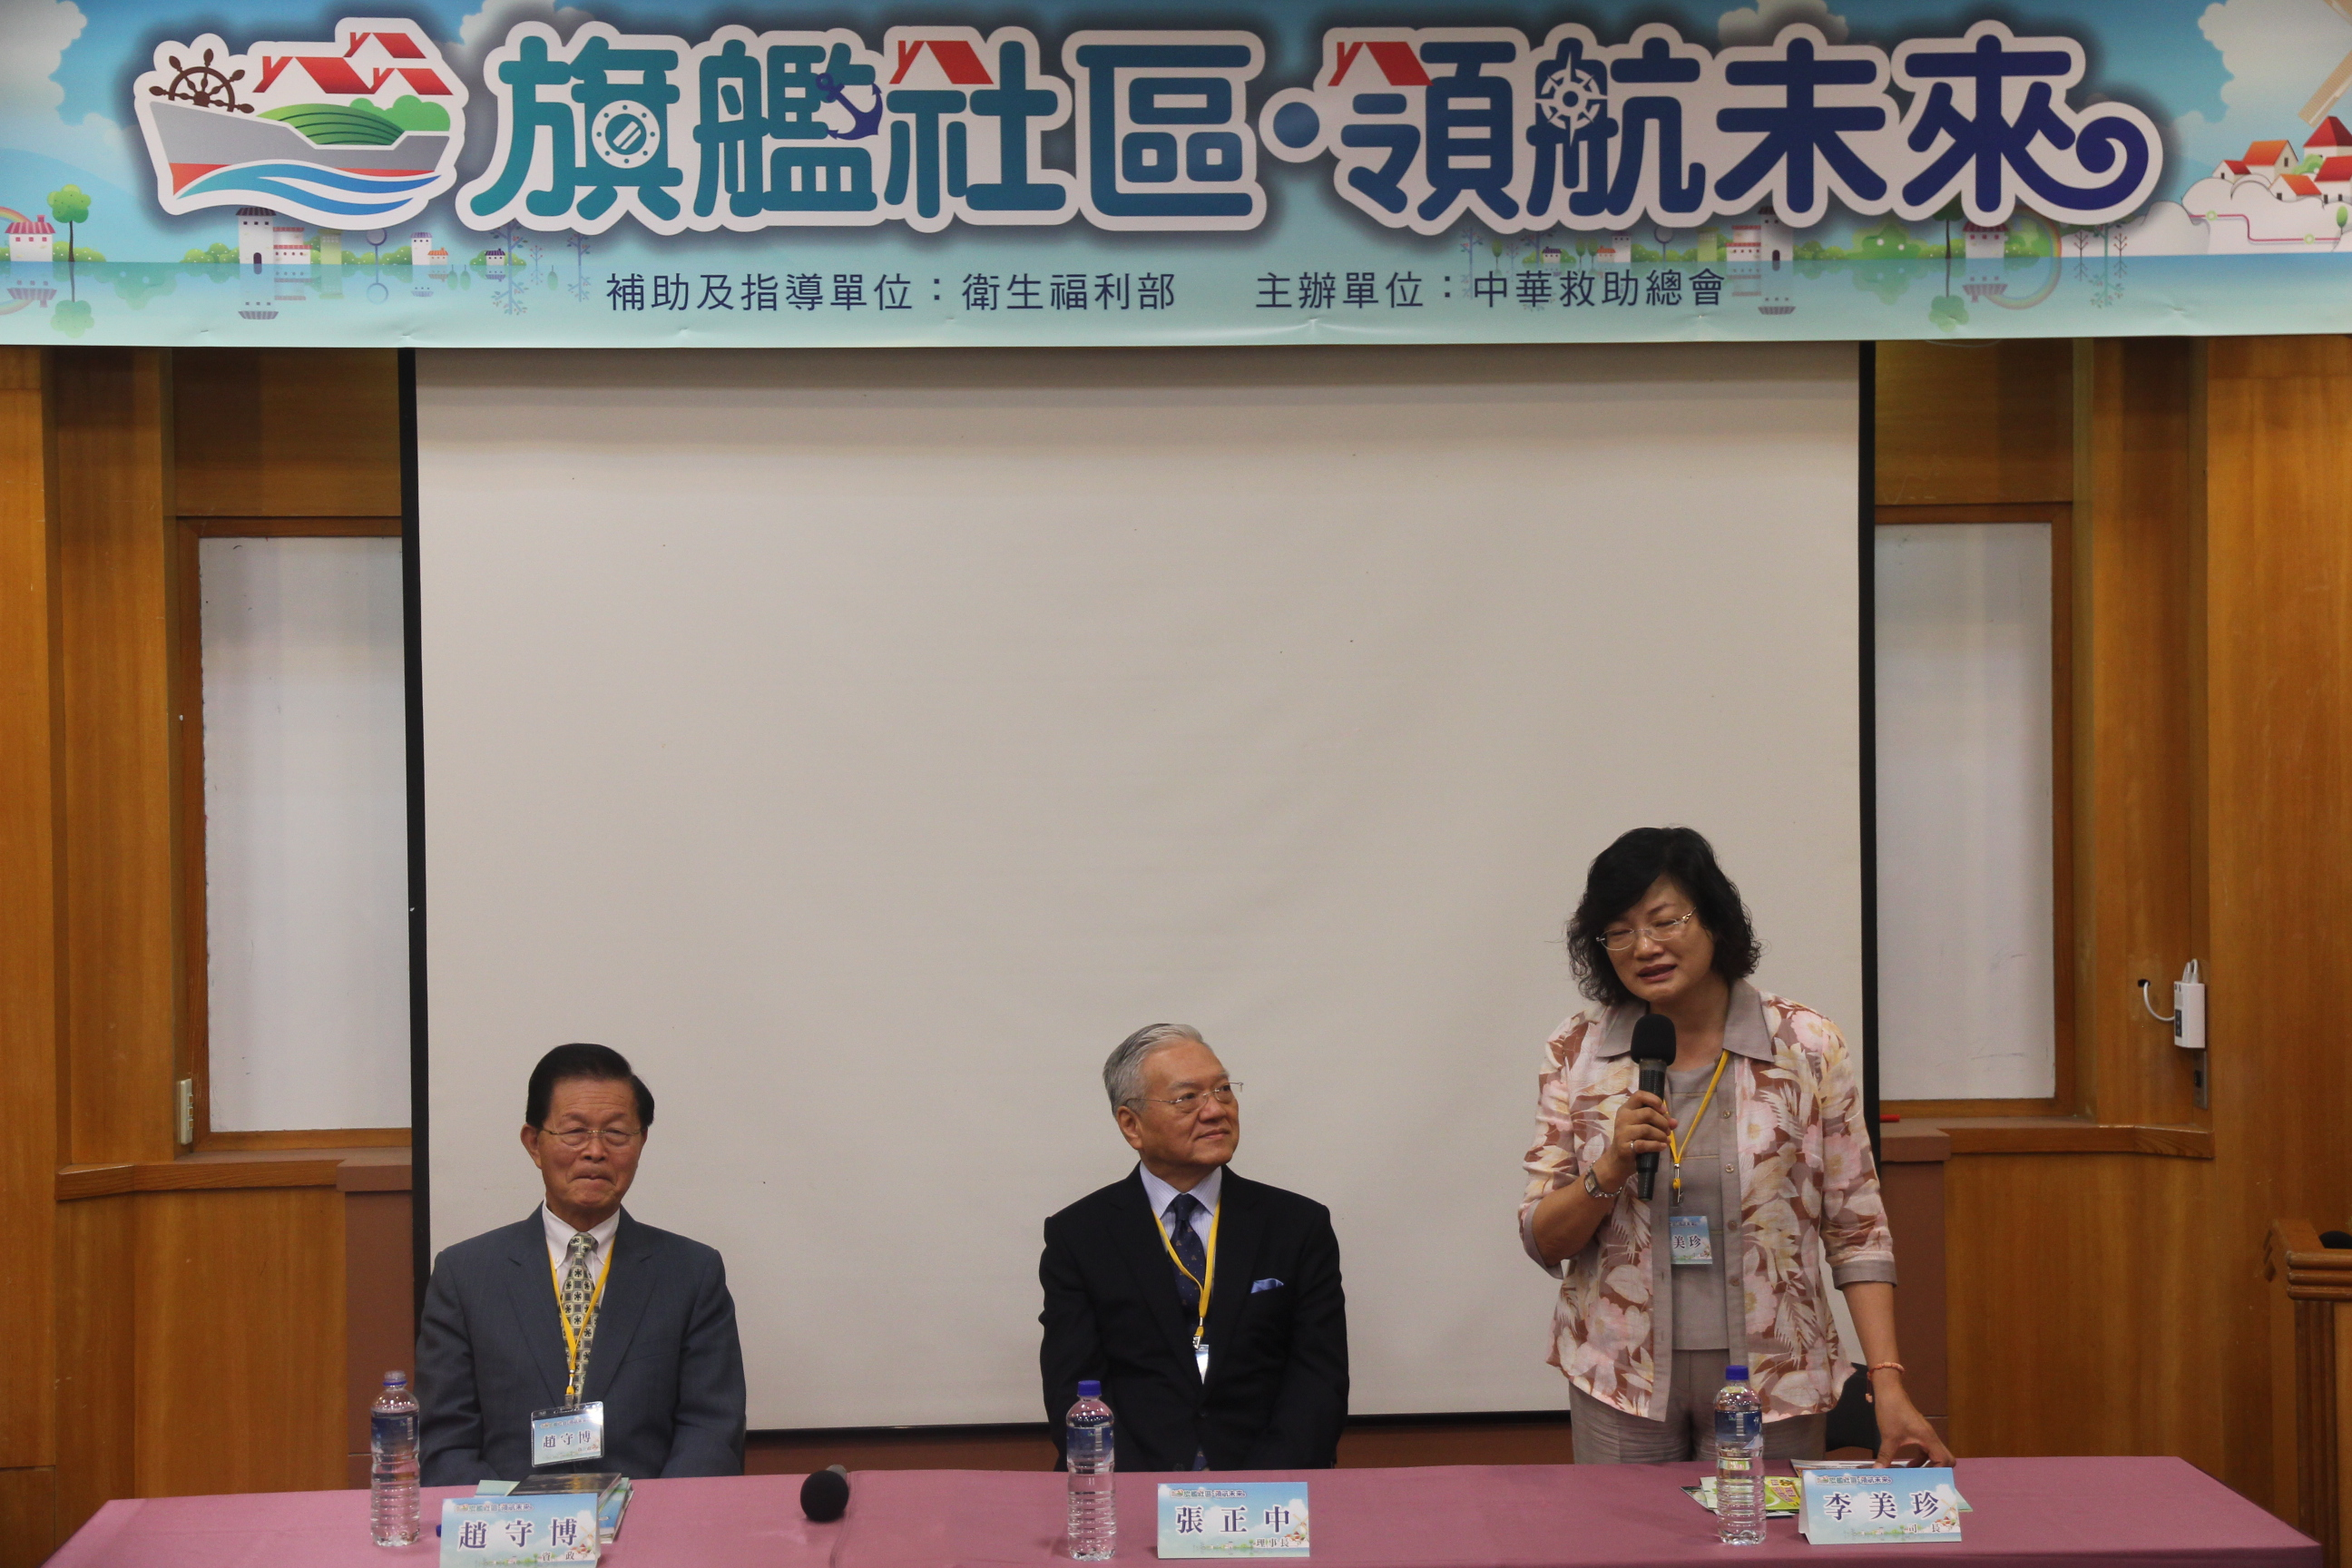 衛生福利部社會救助及社工司李美珍司長蒞臨,並於開幕式致詞勉勵。